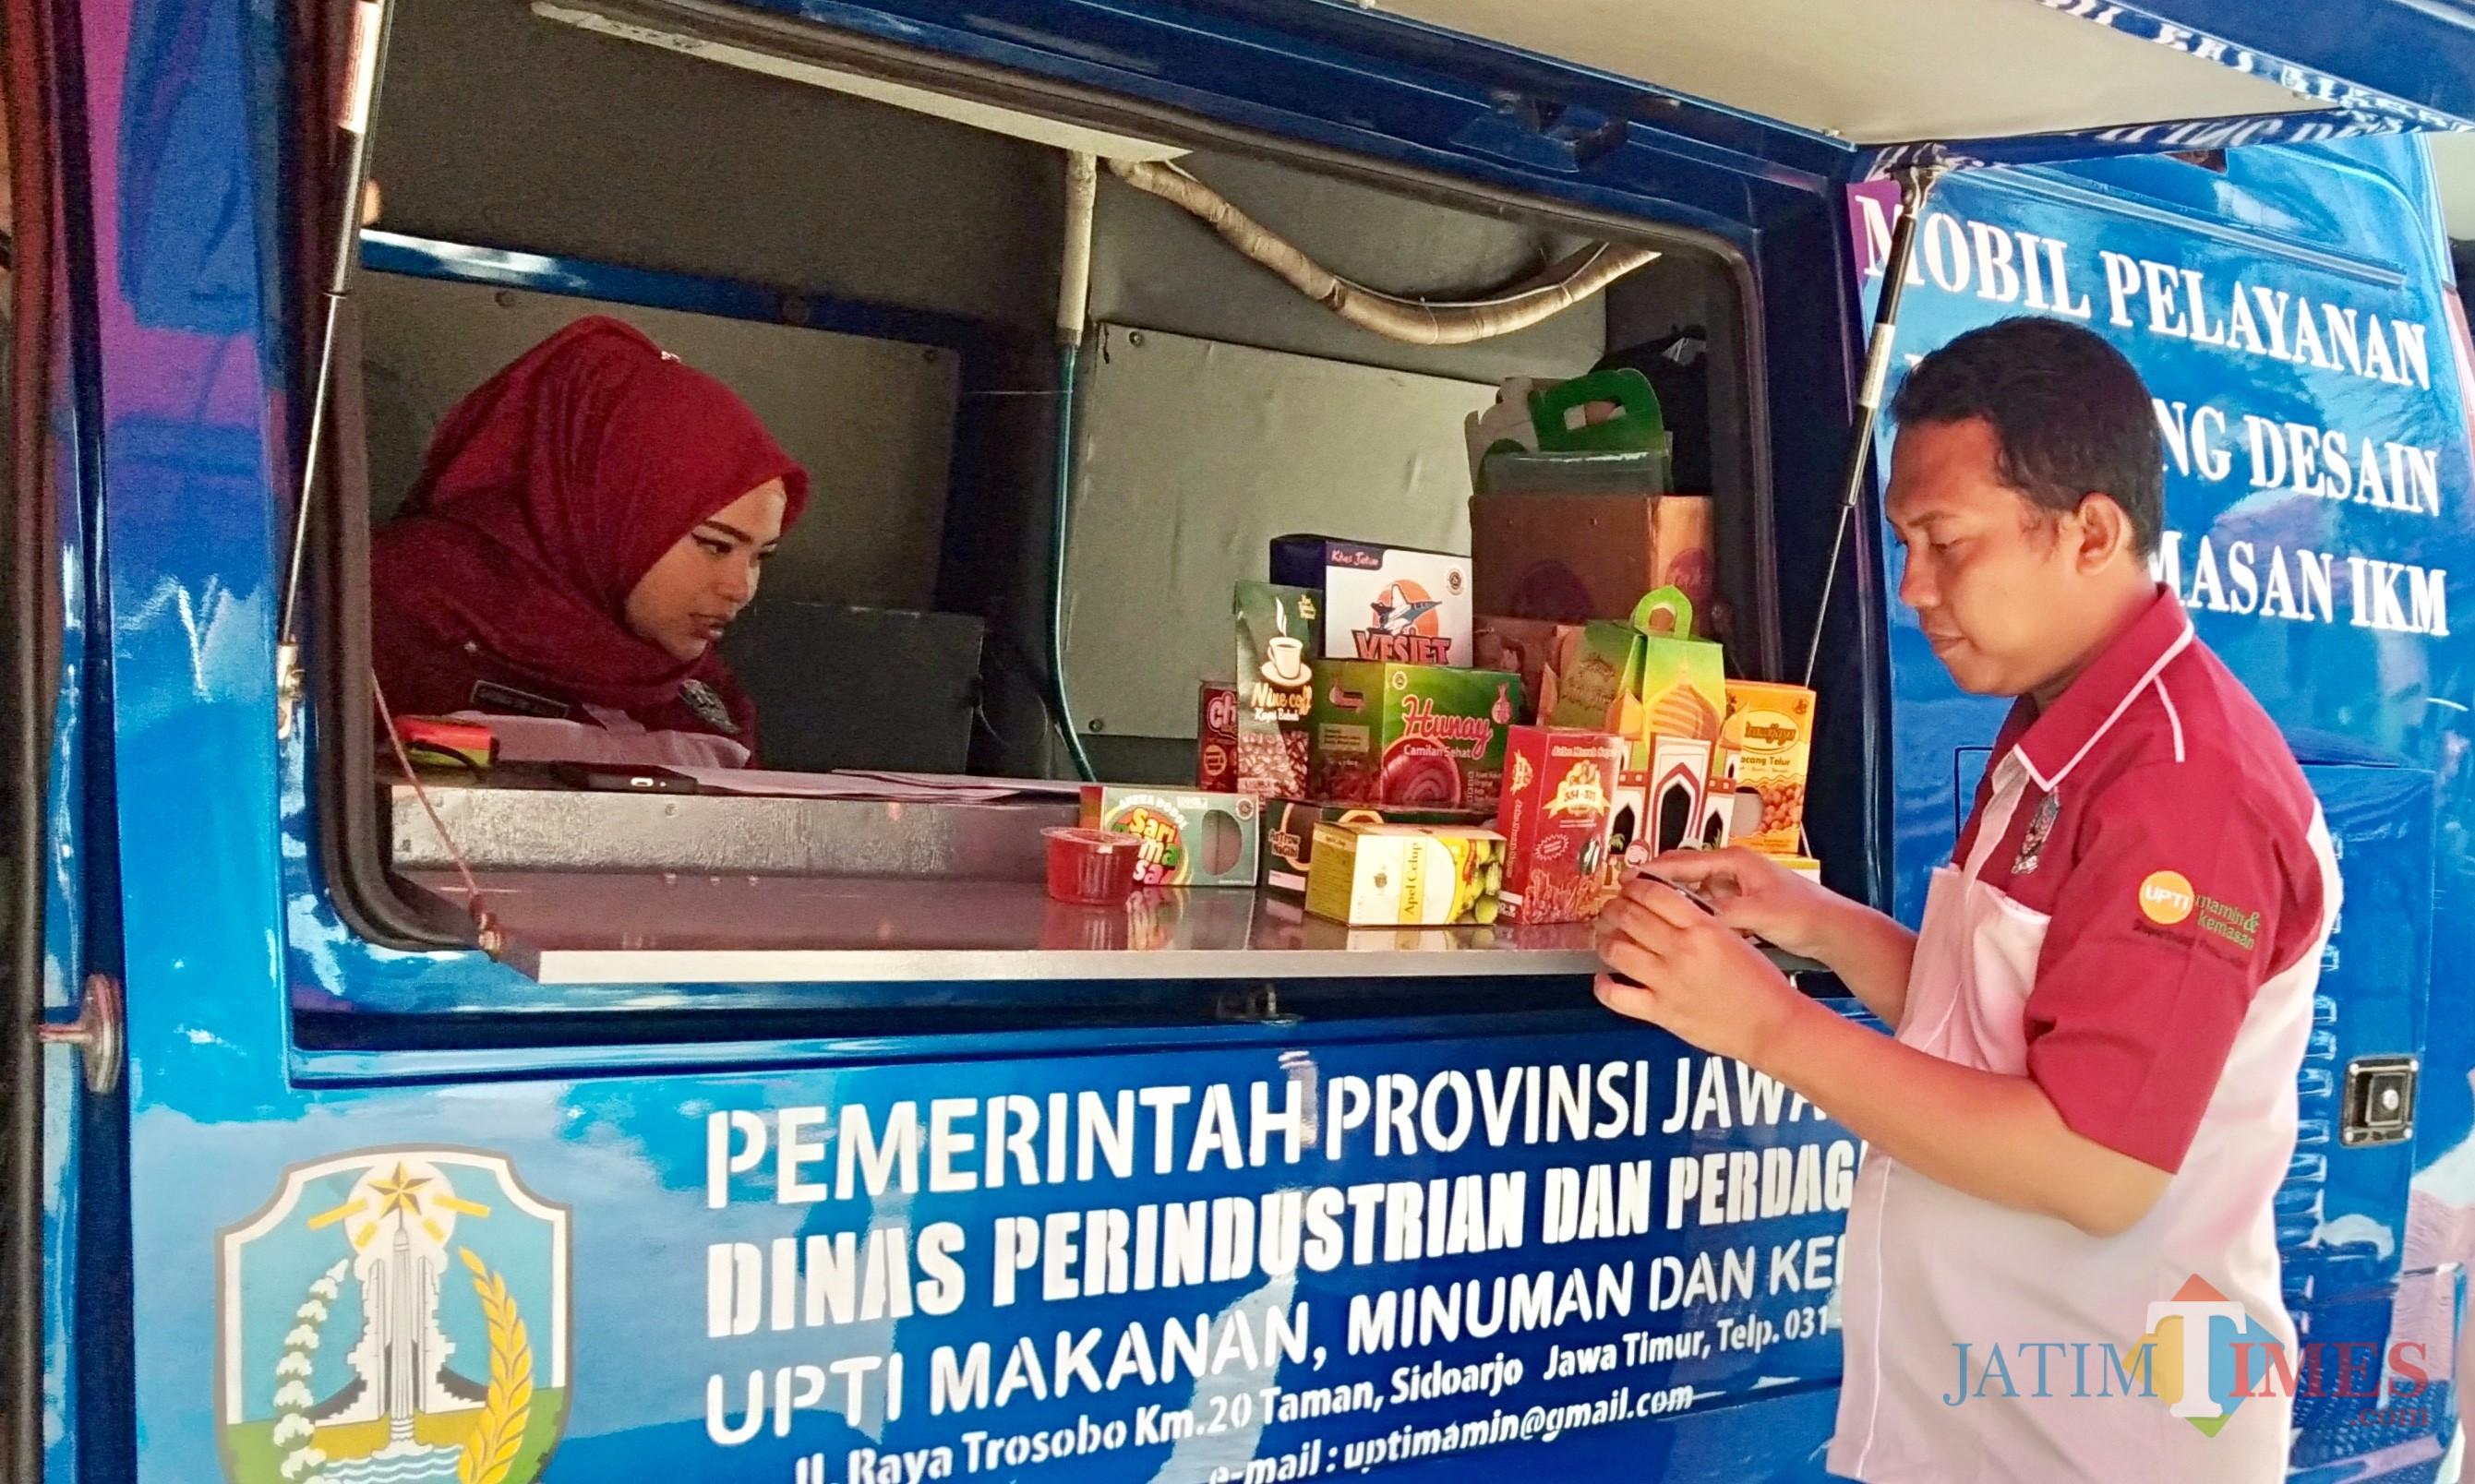 Petugas saat berada di mobil pelayanan di Desa Pandanrejo, Kecamatan Bumiaji,Senin (24/6/2019). (Foto: Irsya Richa/MalangTIMES)